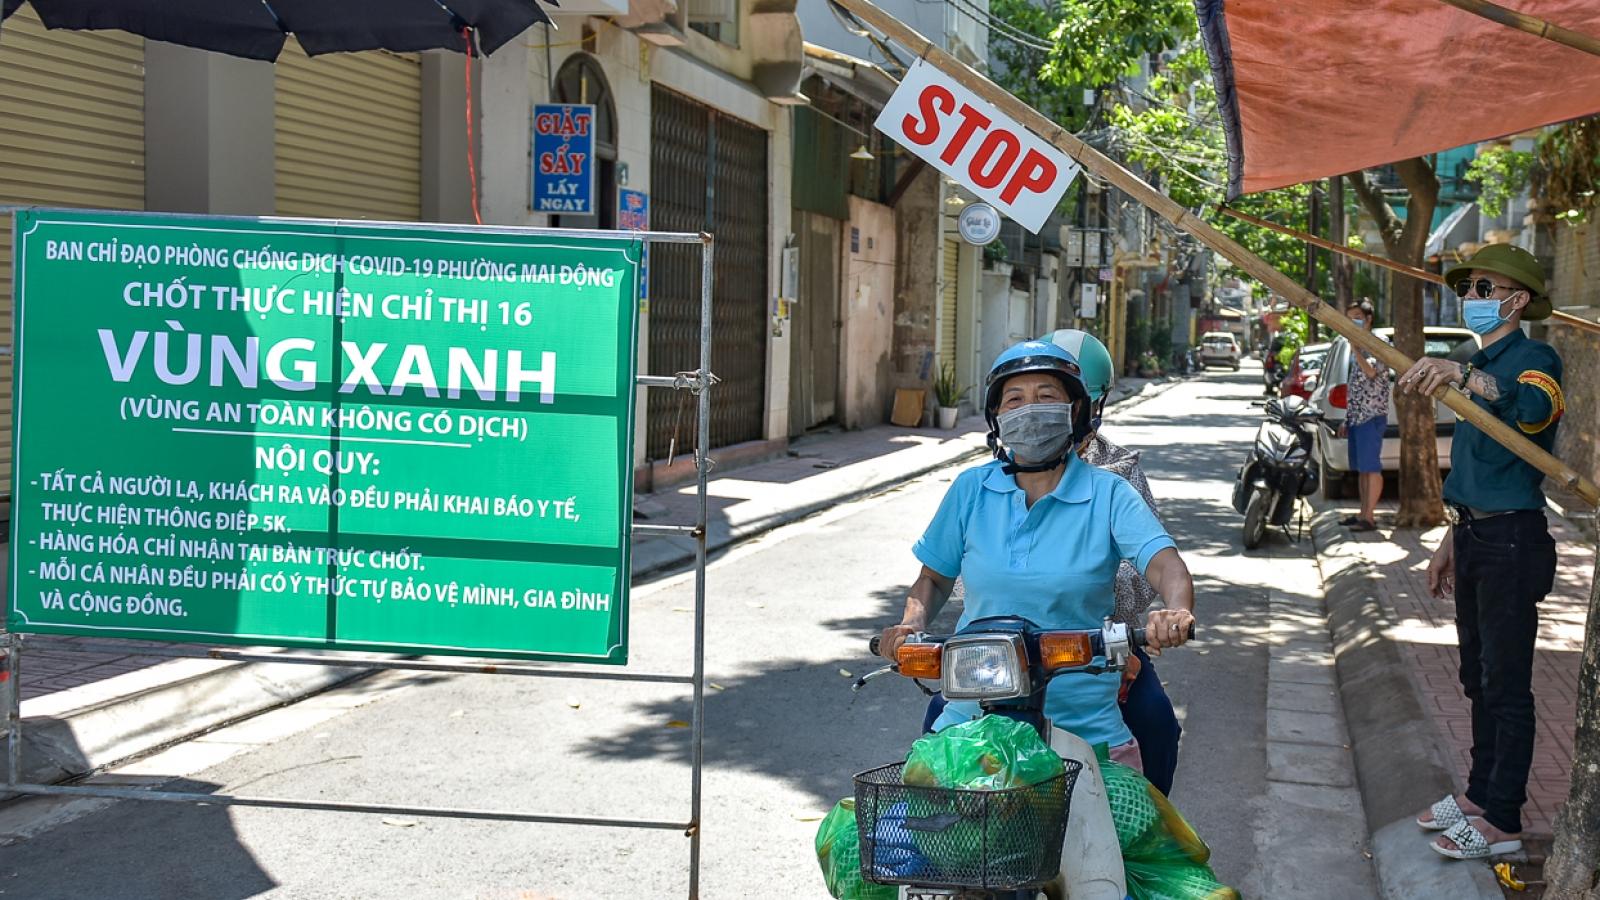 """""""Vùng xanh"""" – vùng an toàn với dịch Covid-19 đầu tiên đã xuất hiện ở Hà Nội"""